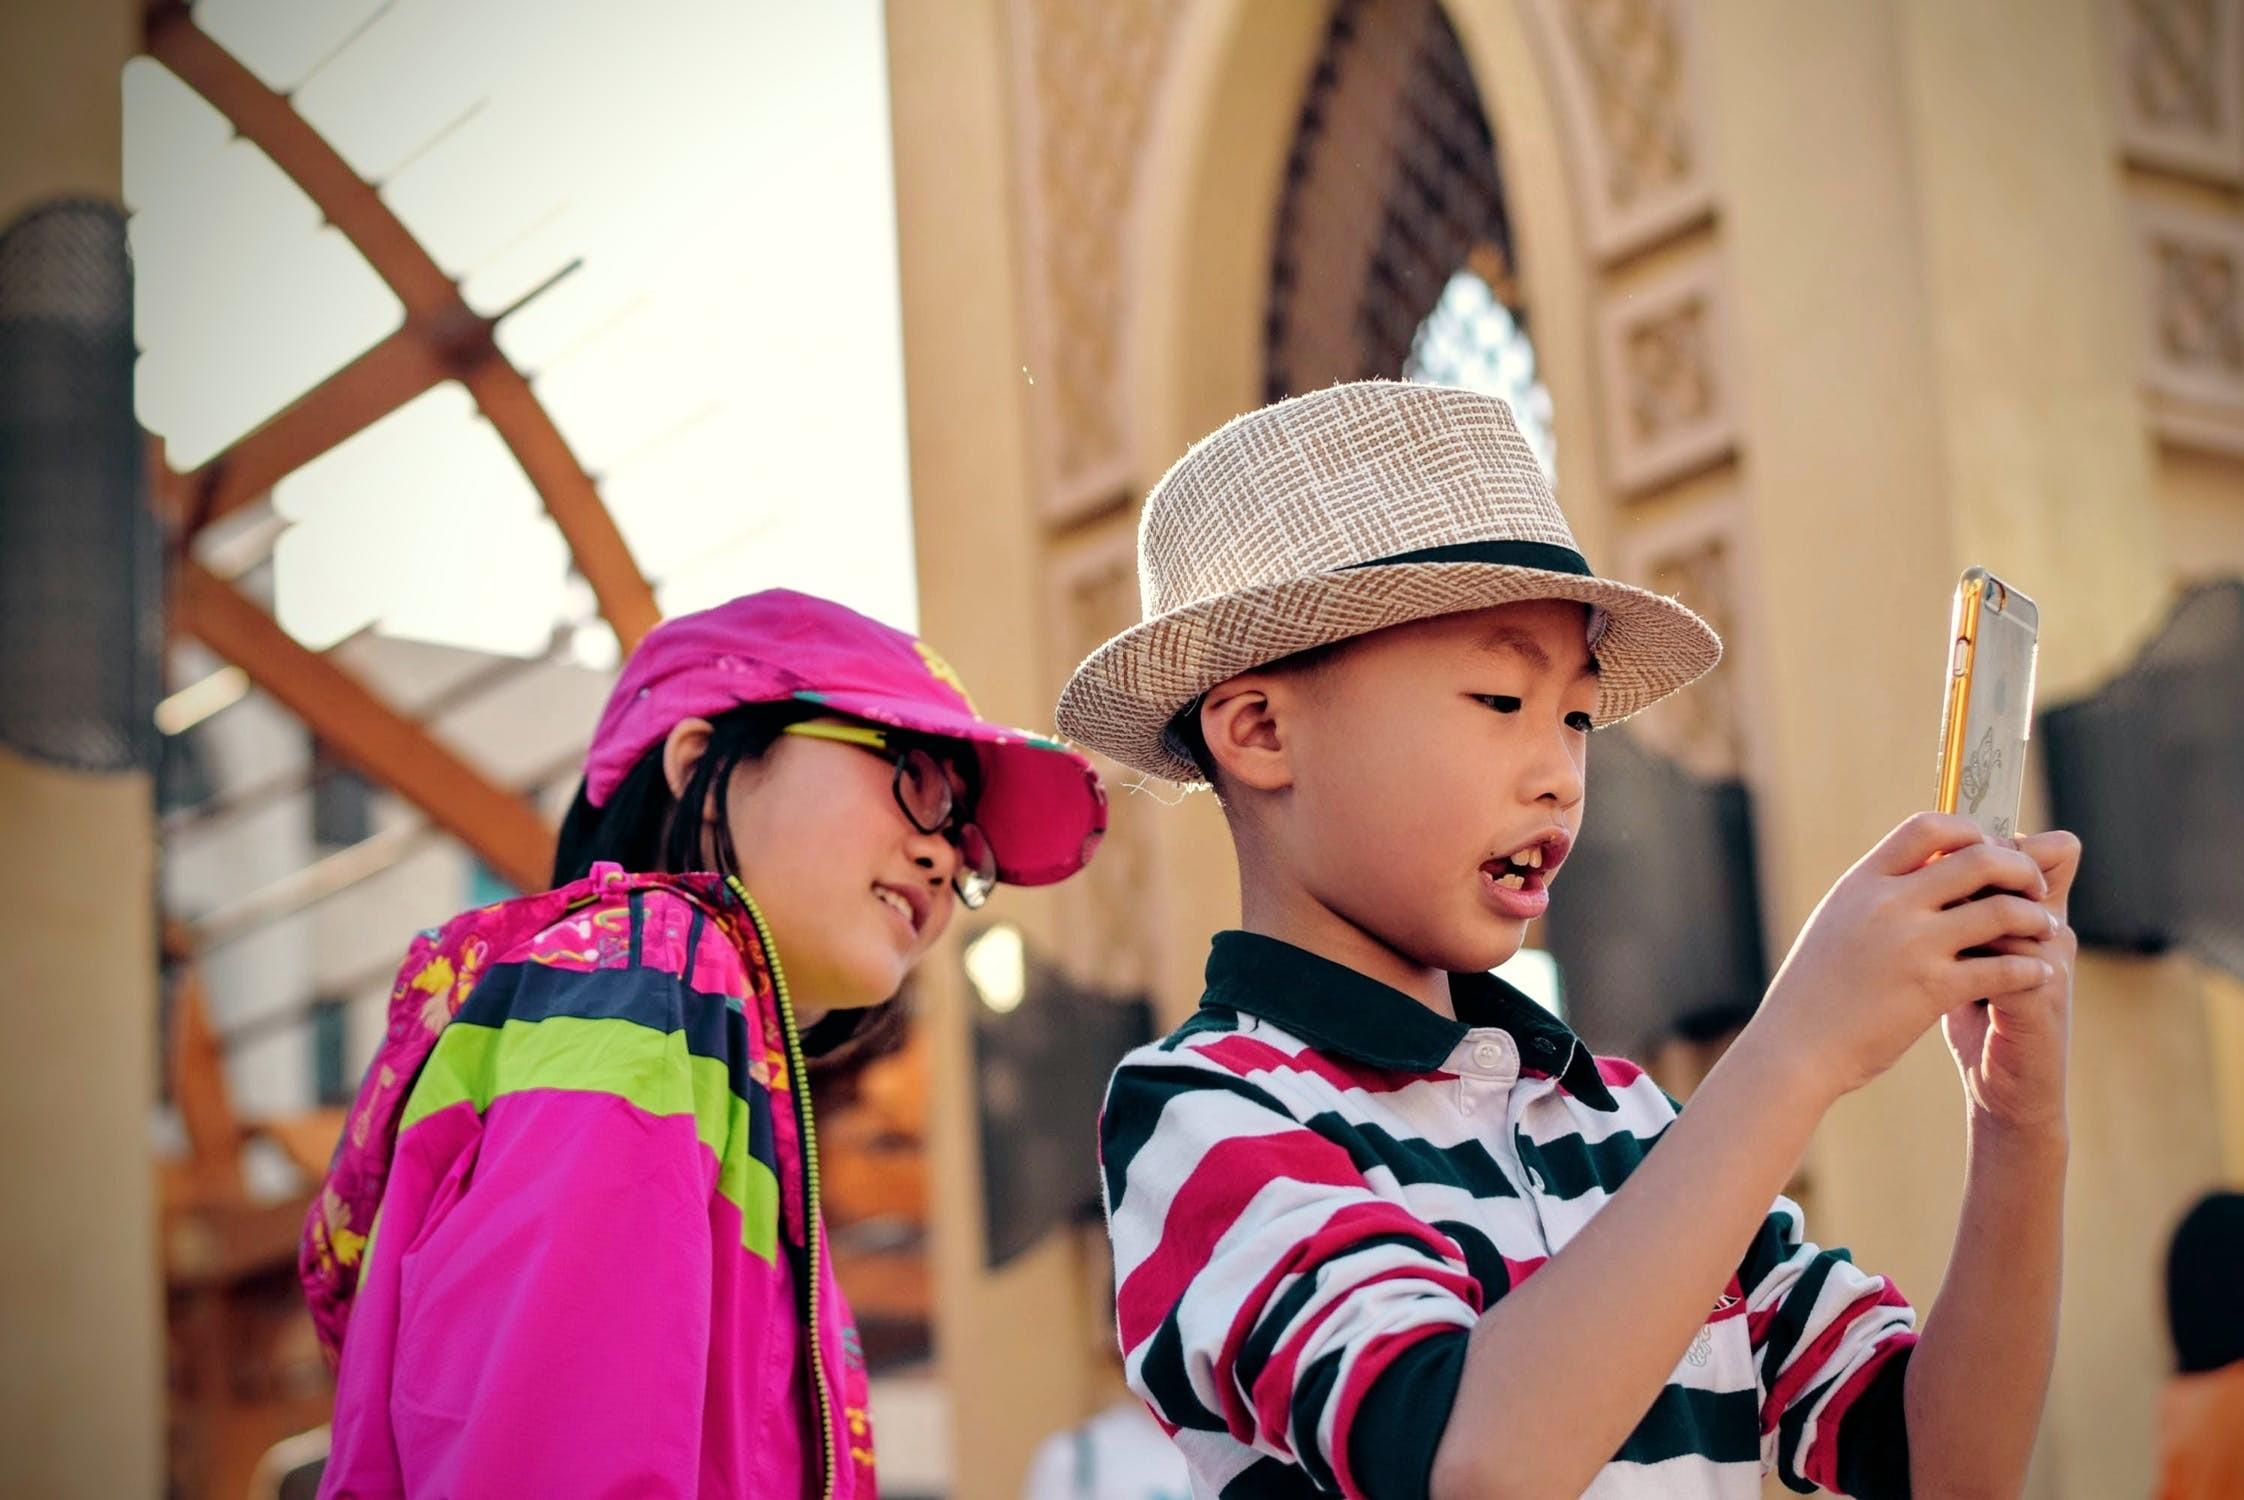 ▲▼兒童使用手機。(圖/取自免費圖庫Pexels)